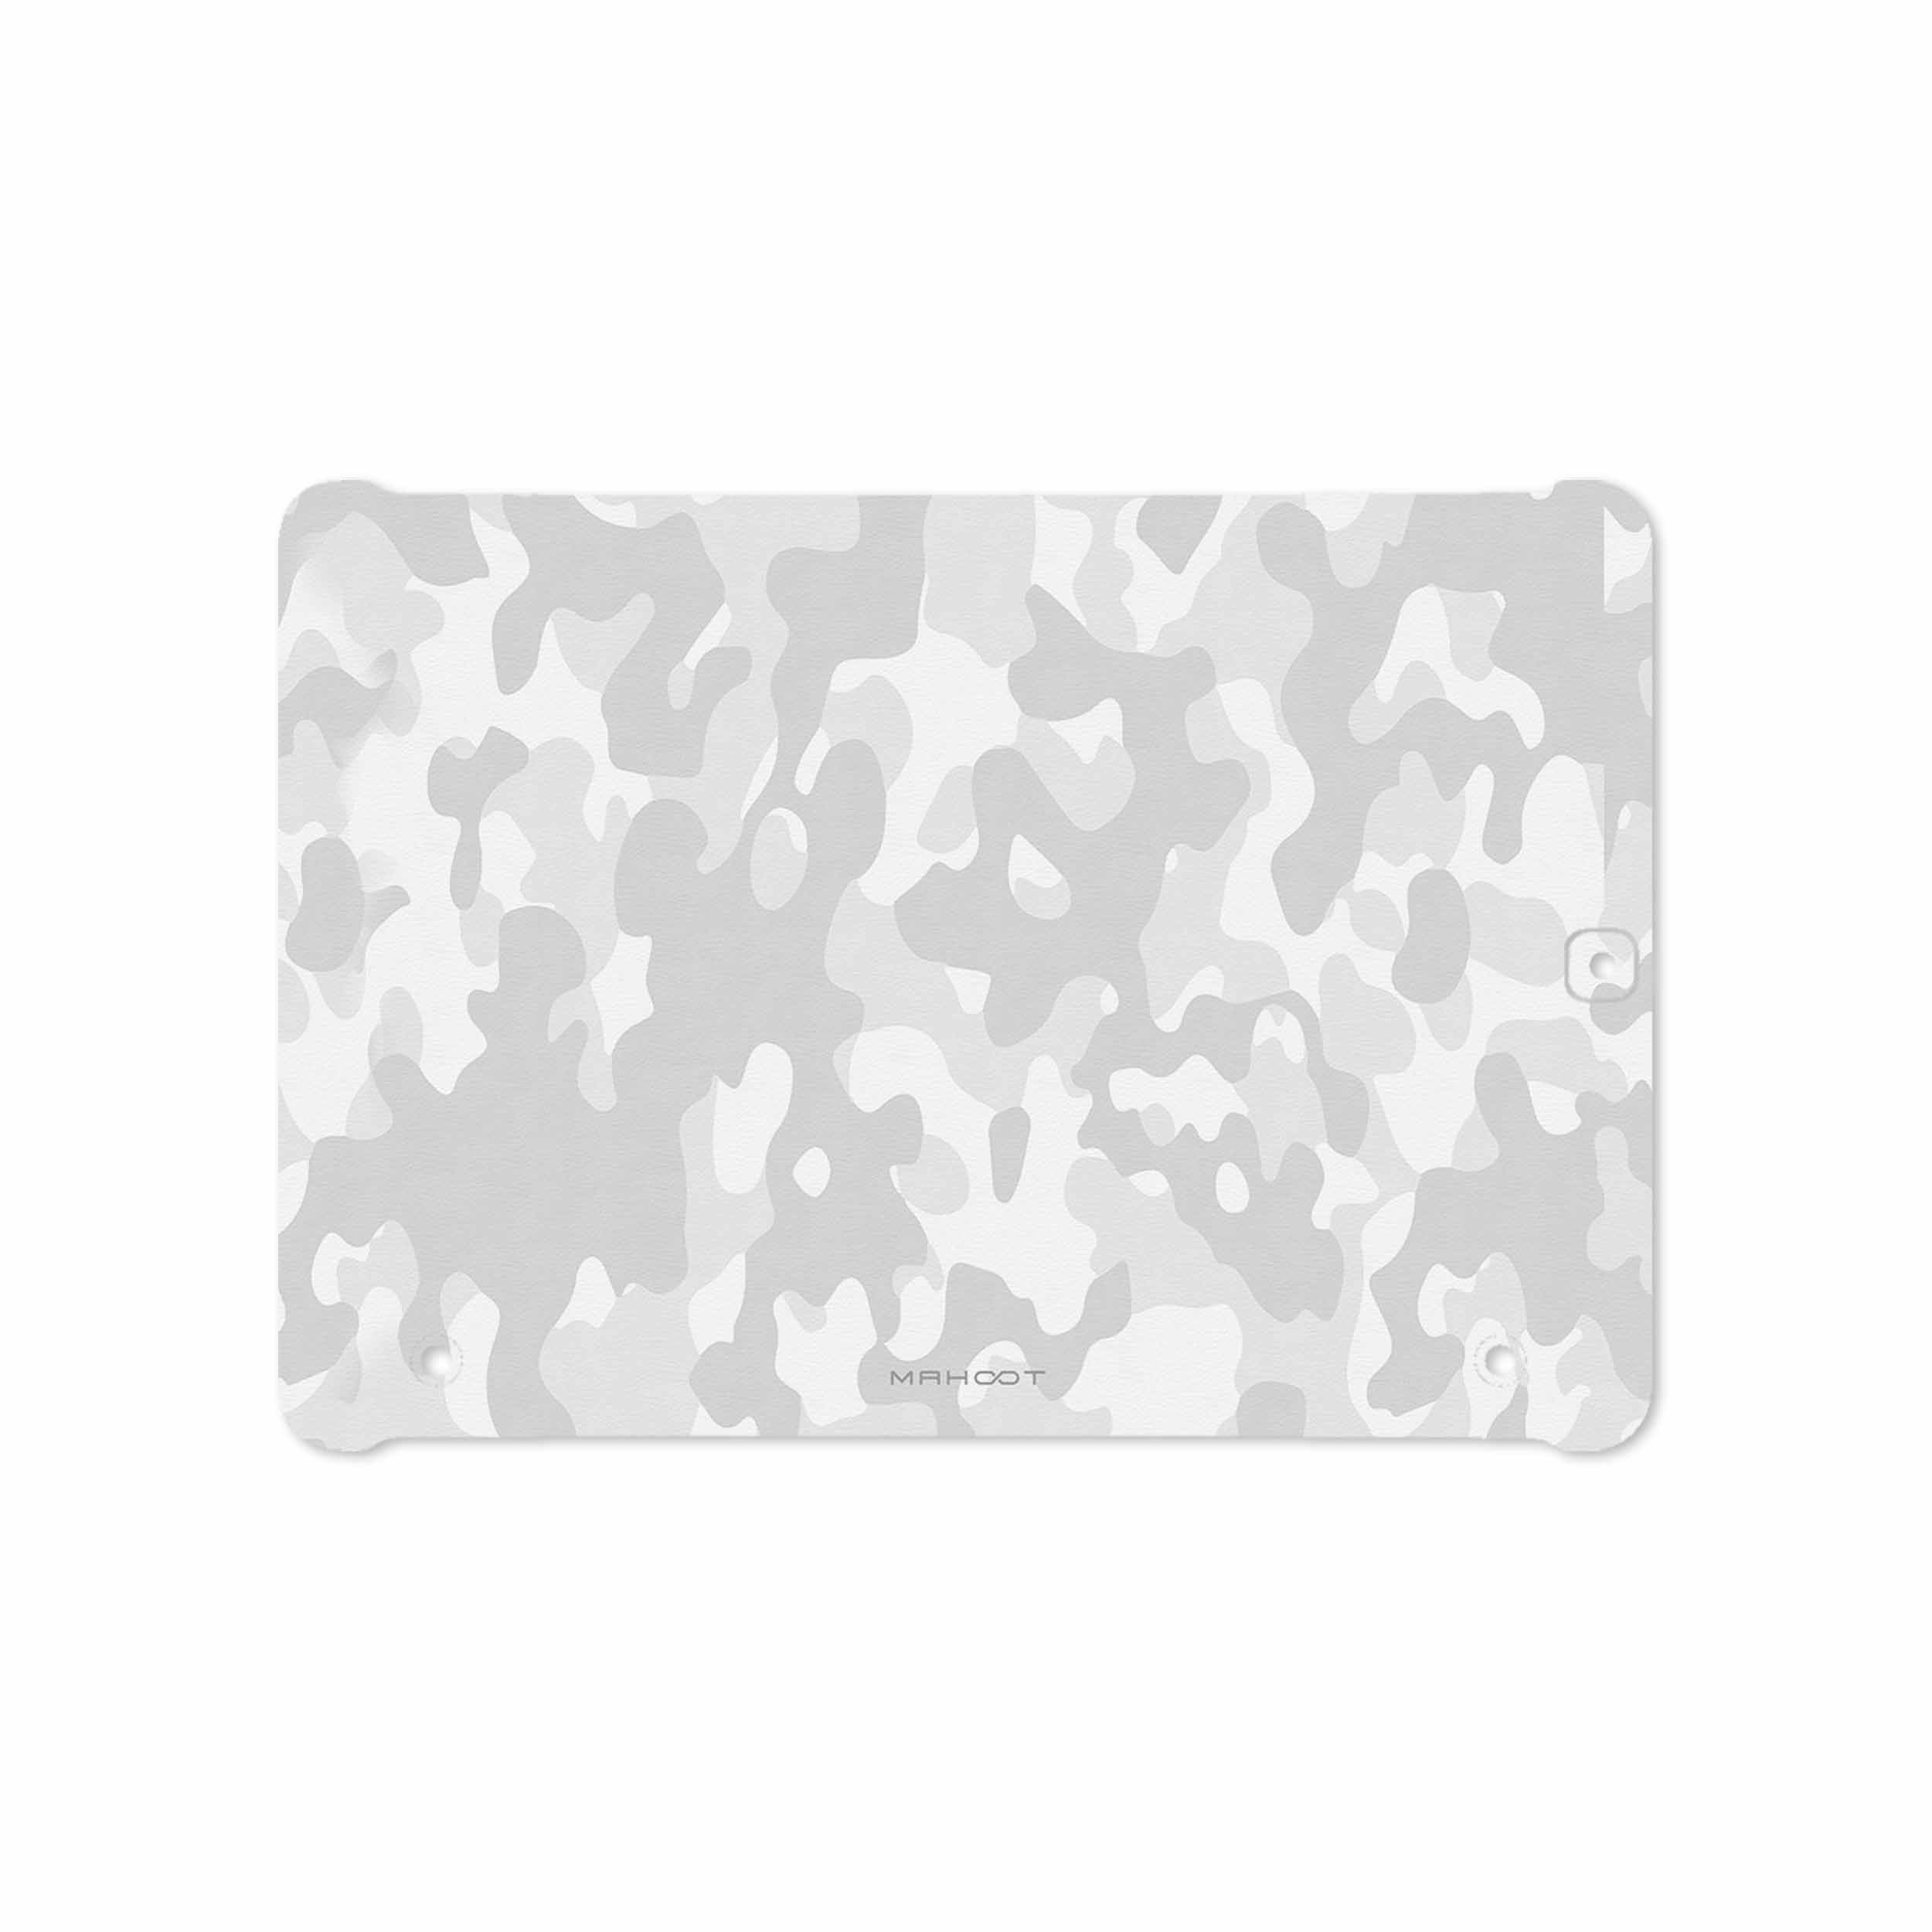 بررسی و خرید [با تخفیف]                                     برچسب پوششی ماهوت مدل Army-Snow مناسب برای تبلت سامسونگ Galaxy Tab S2 9.7 2015 T810                             اورجینال